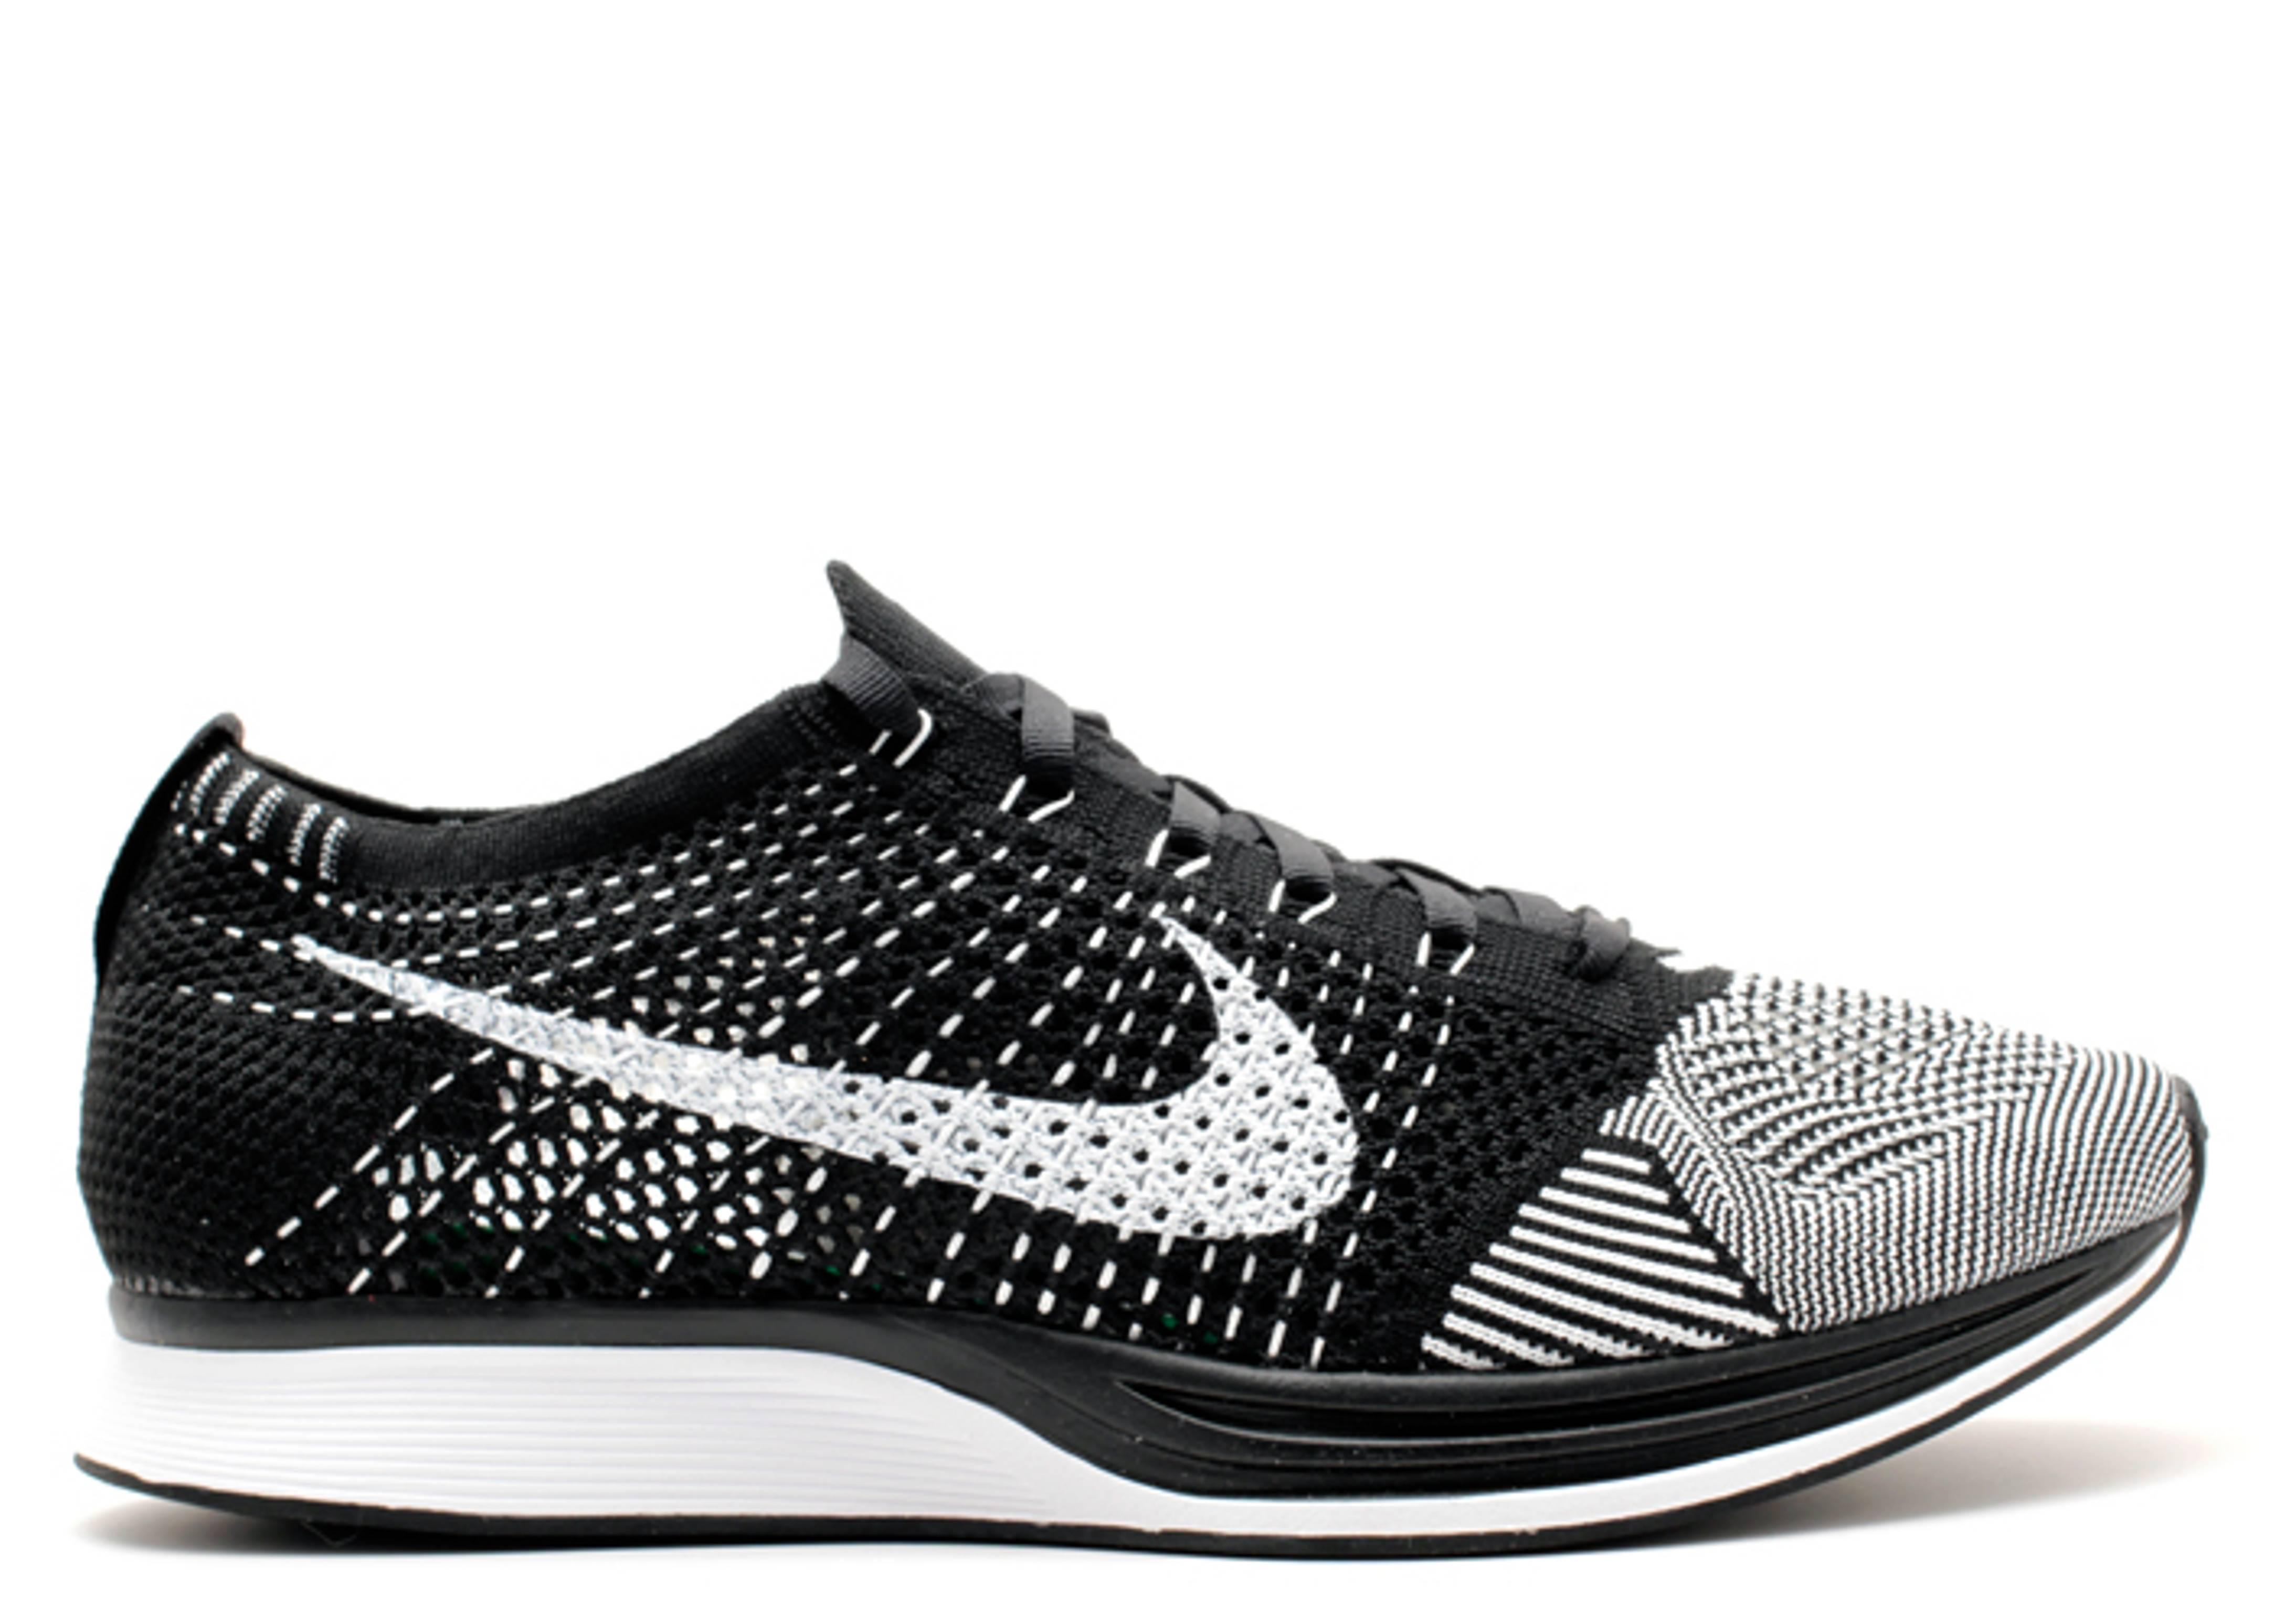 ac8747895e04 Flyknit Racer - Nike - 526628 002 - black white